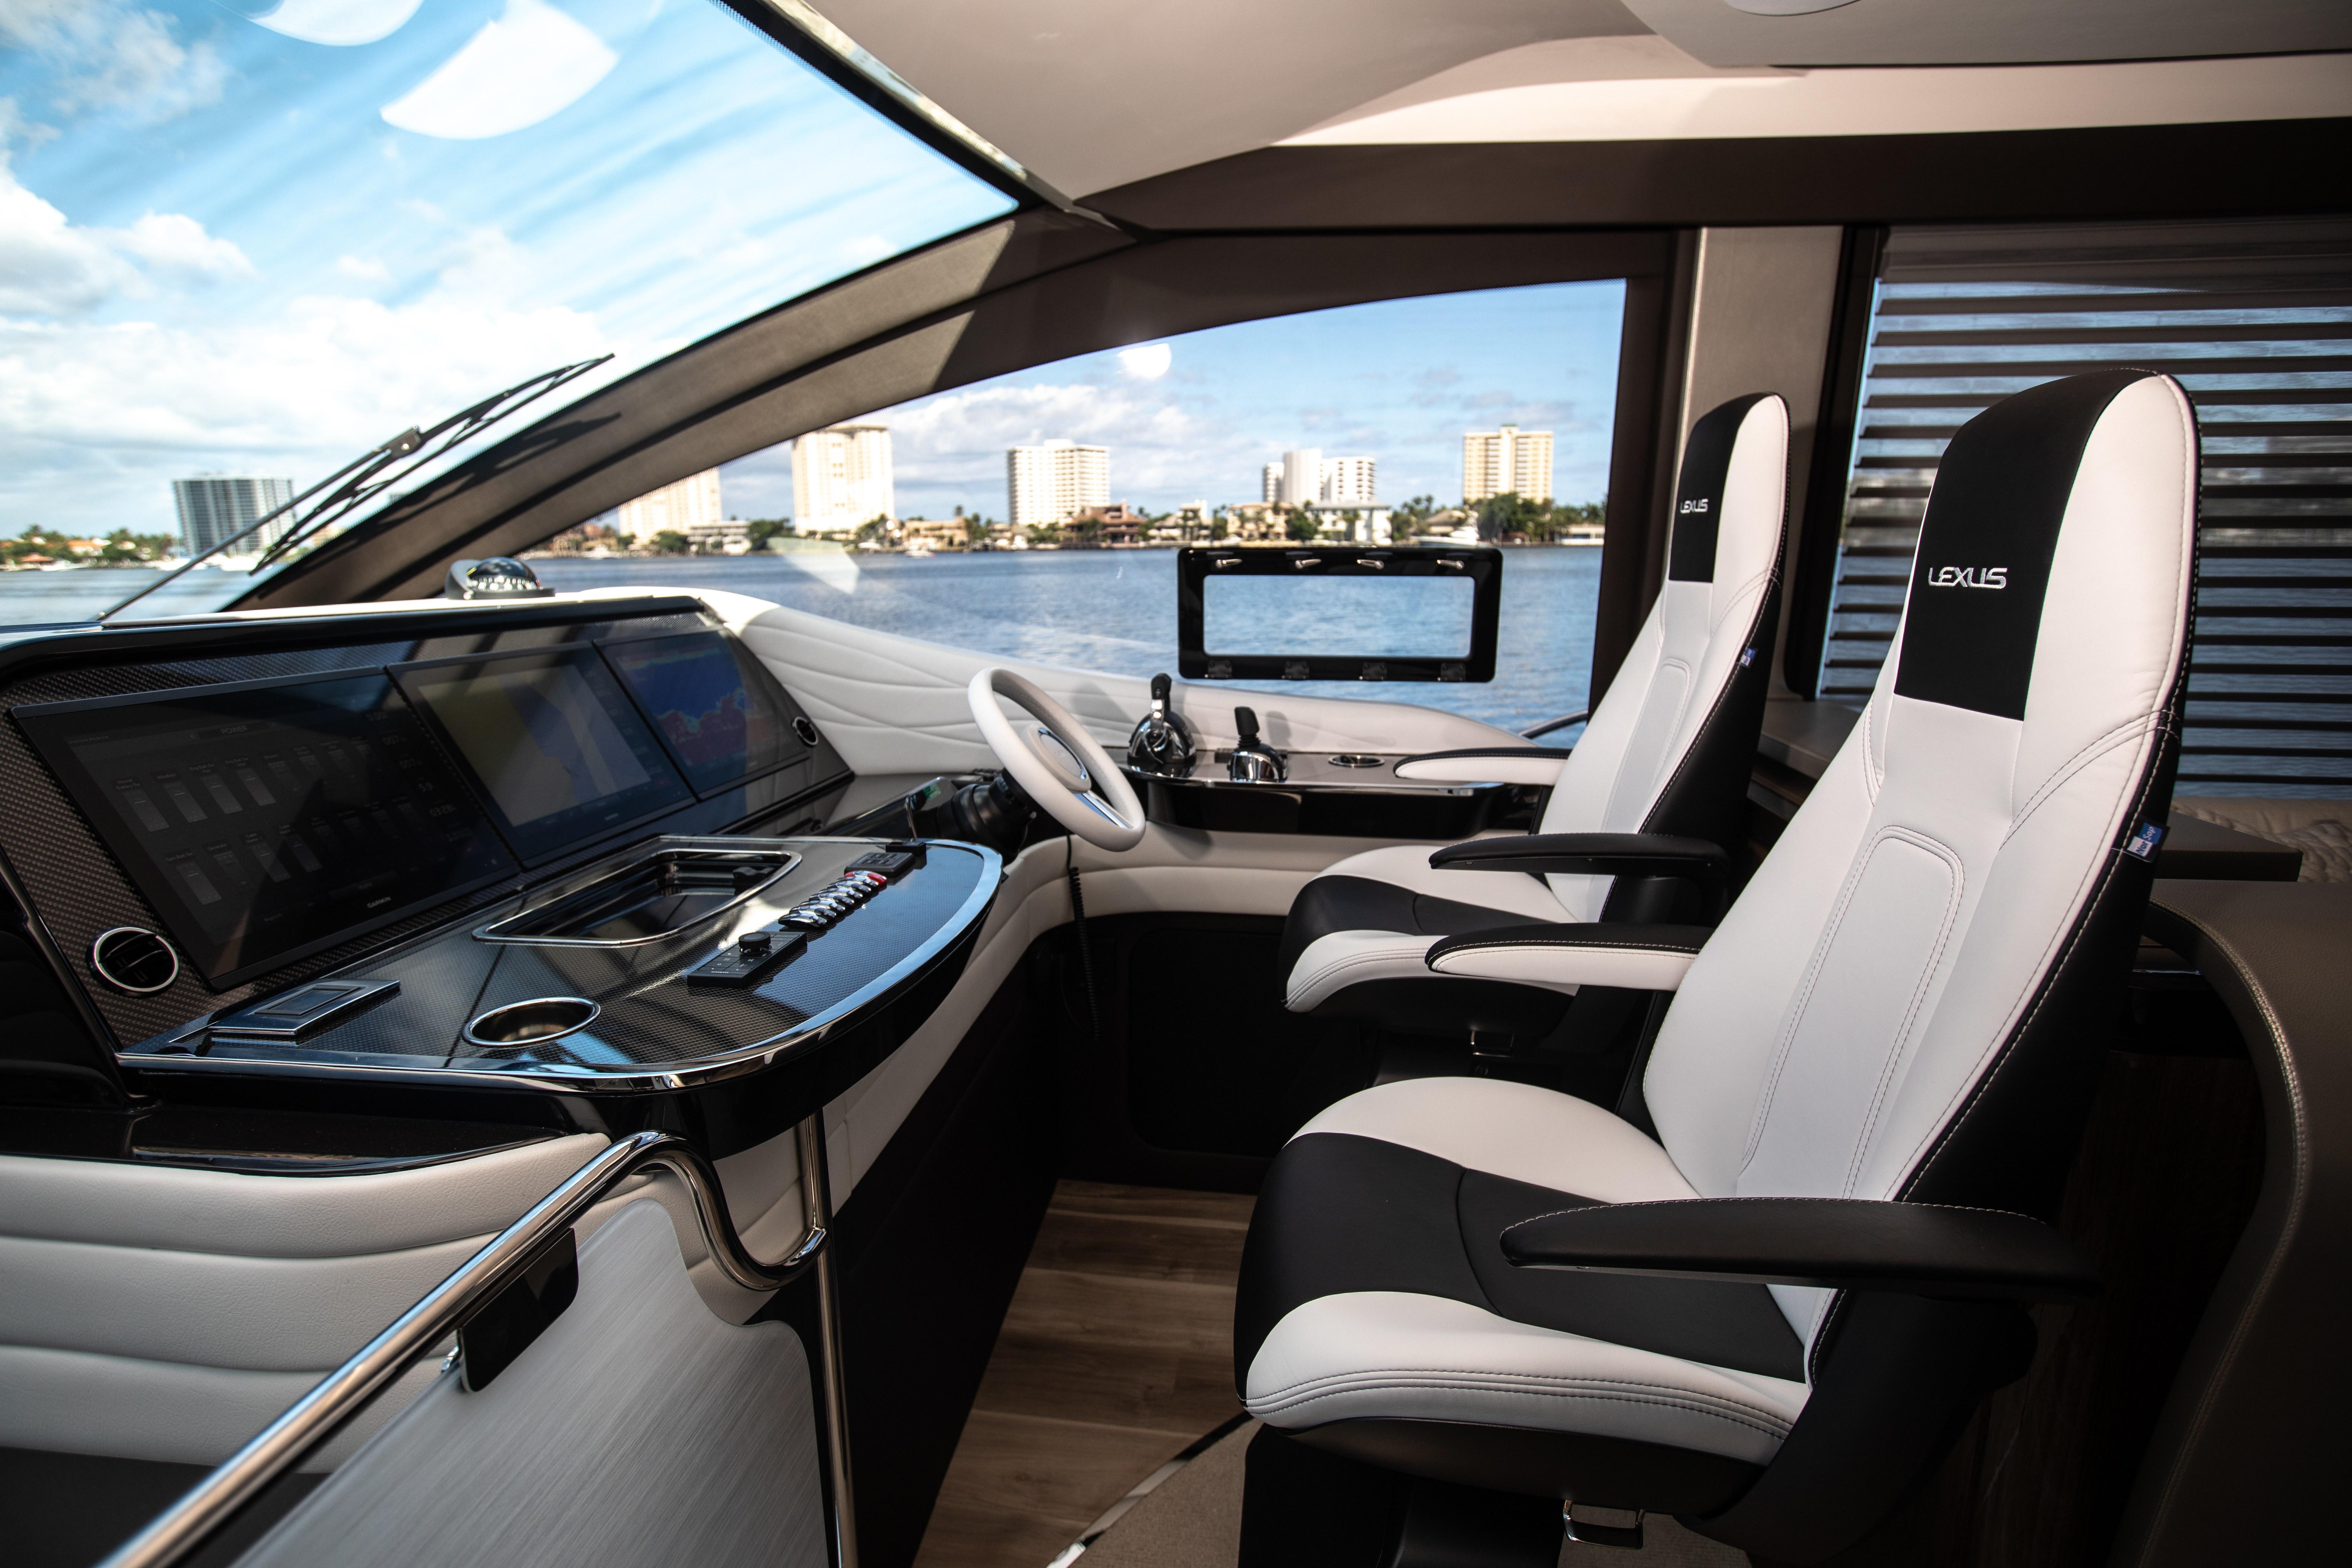 レクサスが手がける洋上のLS&LC!? ラグジュアリーヨット「LY650」航海記